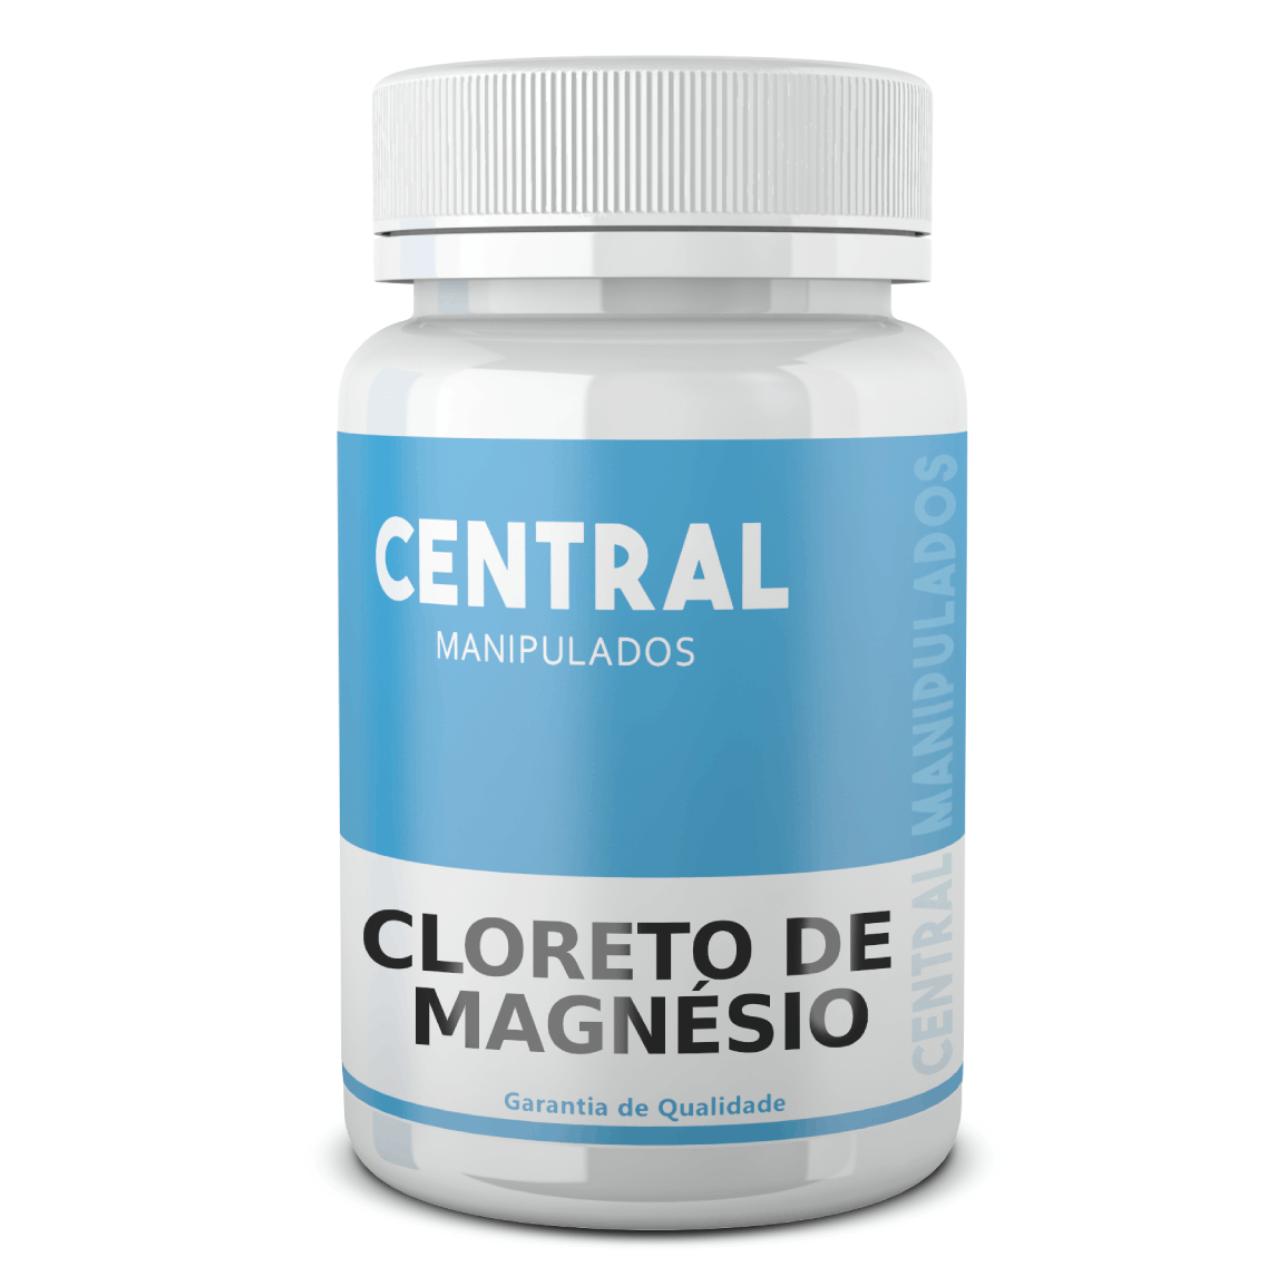 Cloreto de Magnésio 500mg - 120 Cápsulas - Previne a hipertensão, cálculos renais e doenças cardíacas